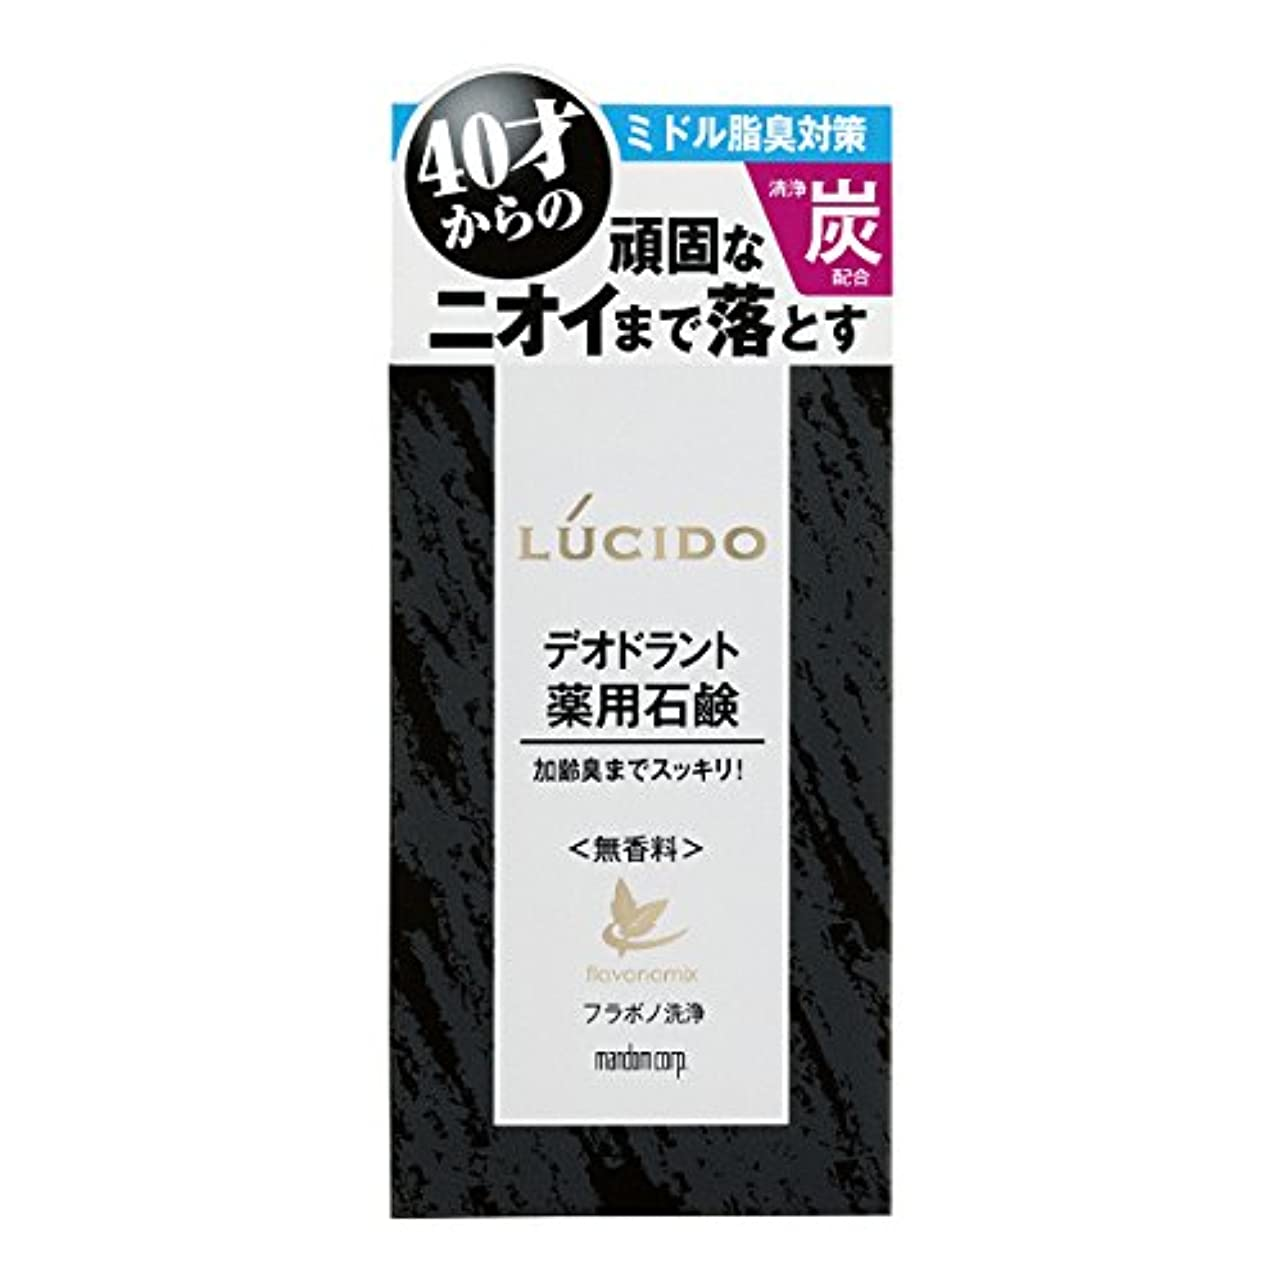 失業吹雪ダムルシード 薬用デオドラント石鹸 100g(医薬部外品)